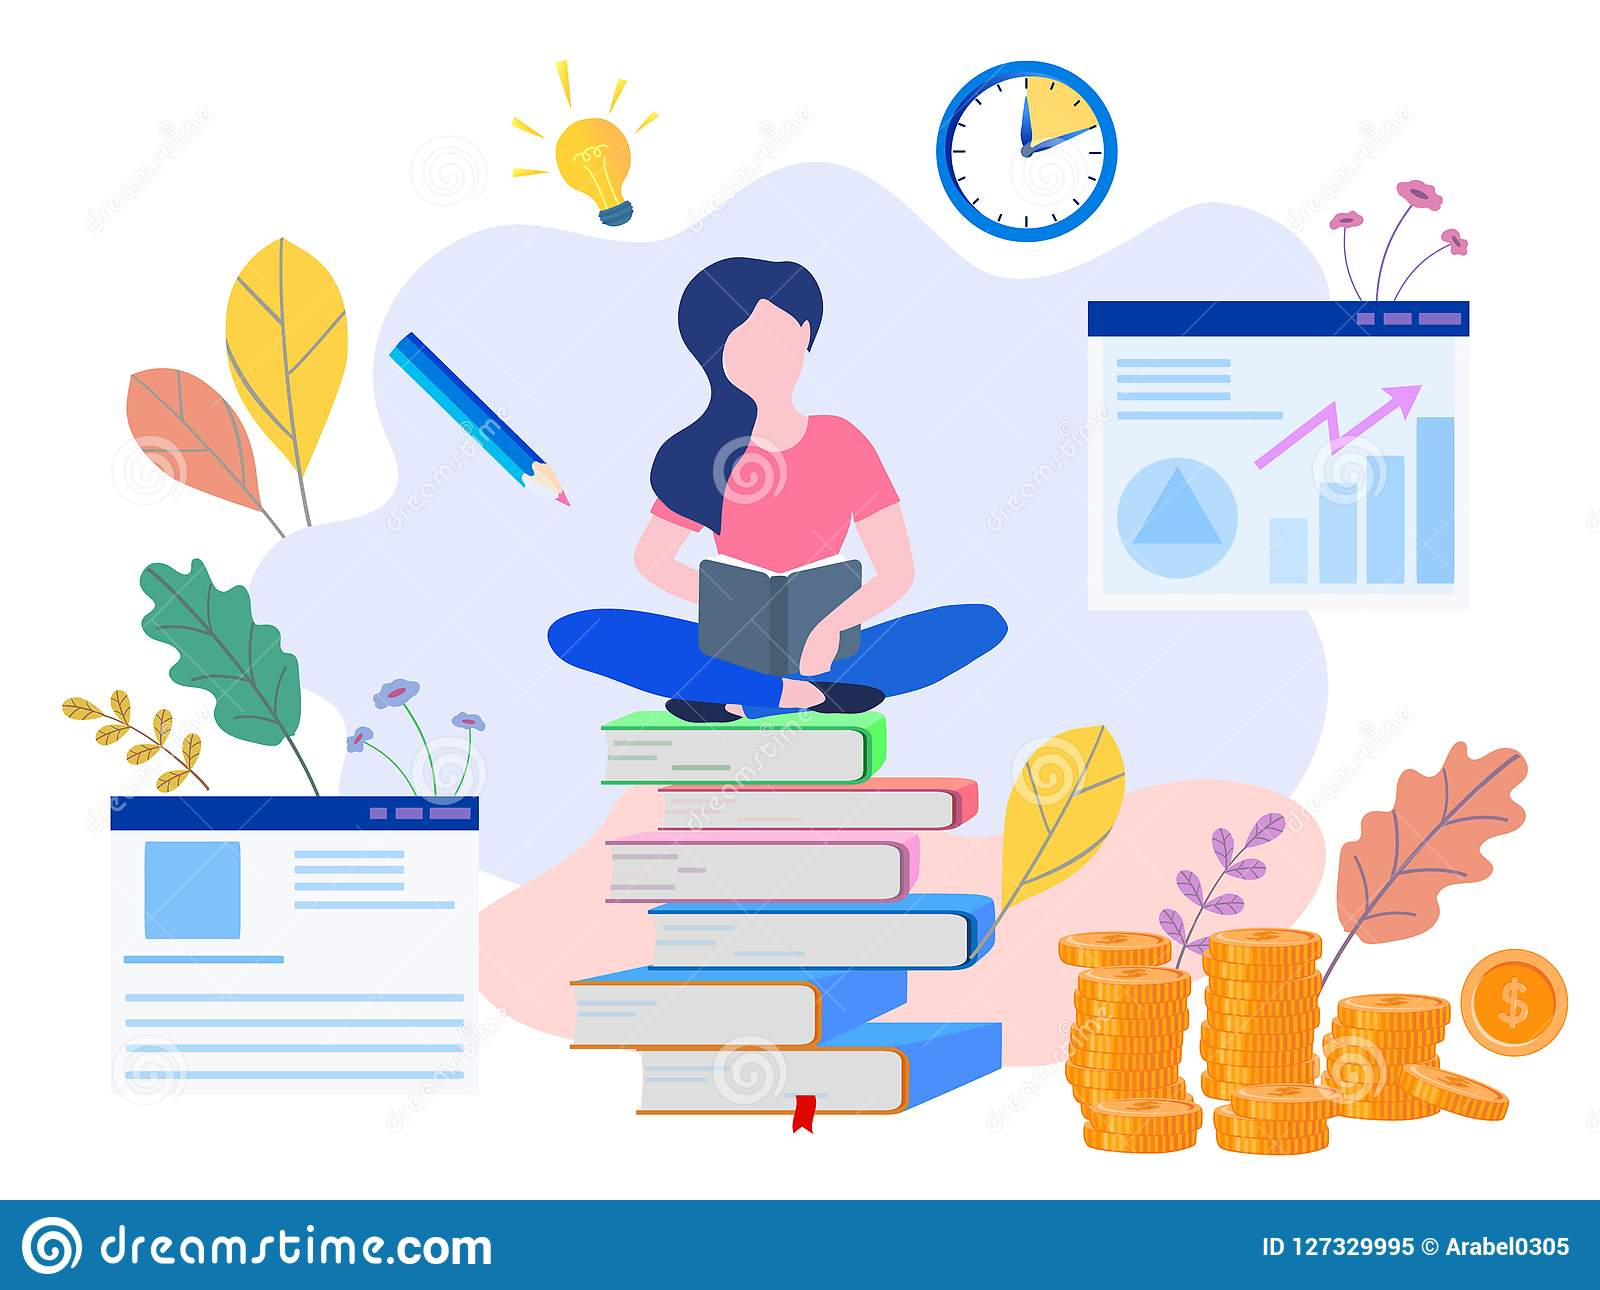 Εκπαίδευση έννοιας, on-line που, Διαδίκτυο που μελετά, σε απευθείας σύνδεση BO